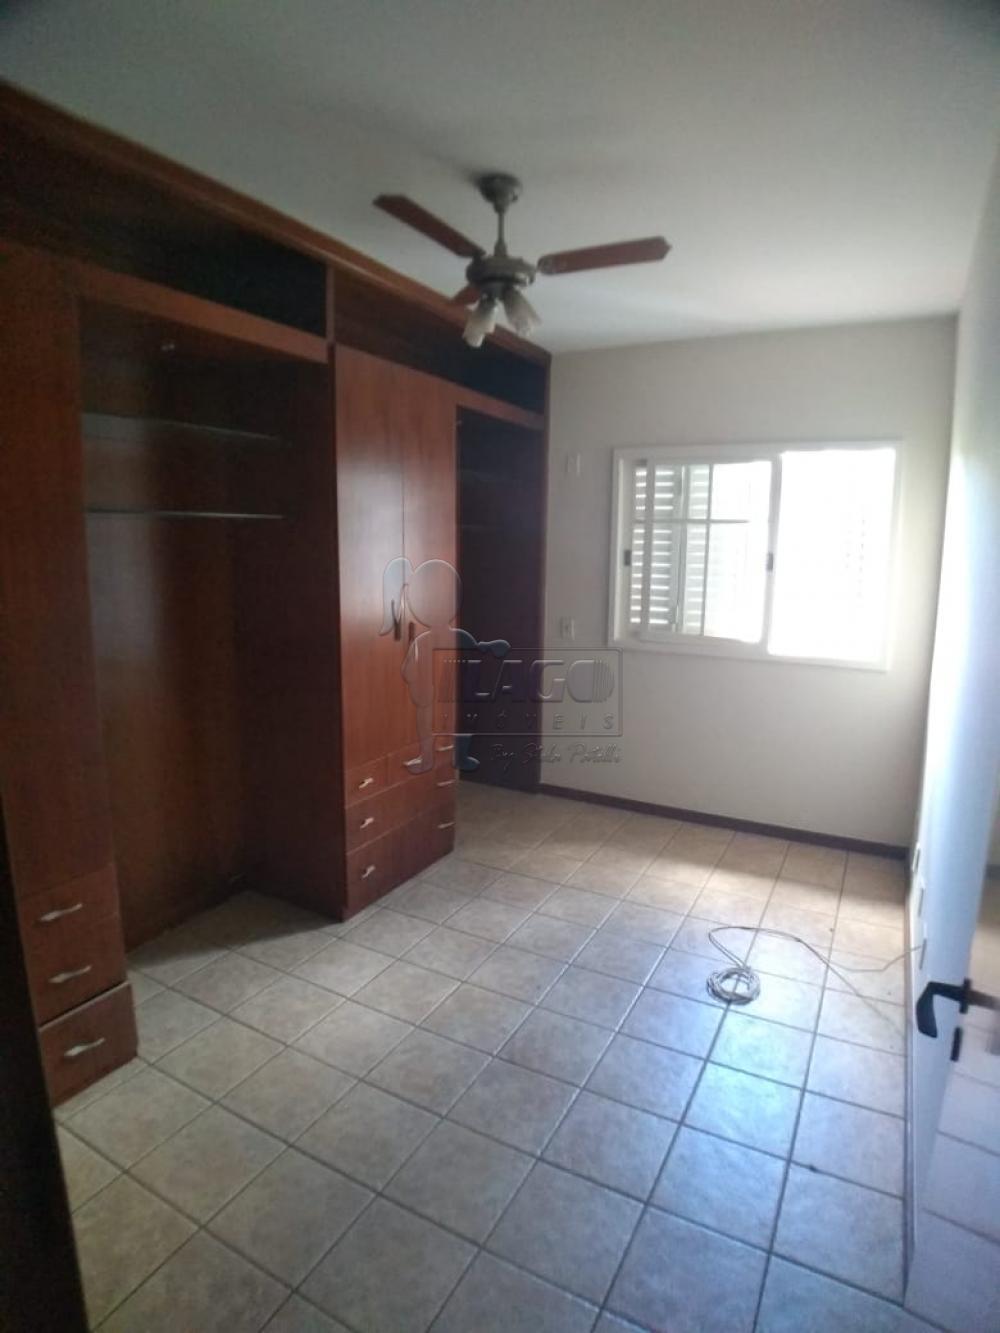 Alugar Casas / Condomínio em Ribeirão Preto apenas R$ 3.200,00 - Foto 10